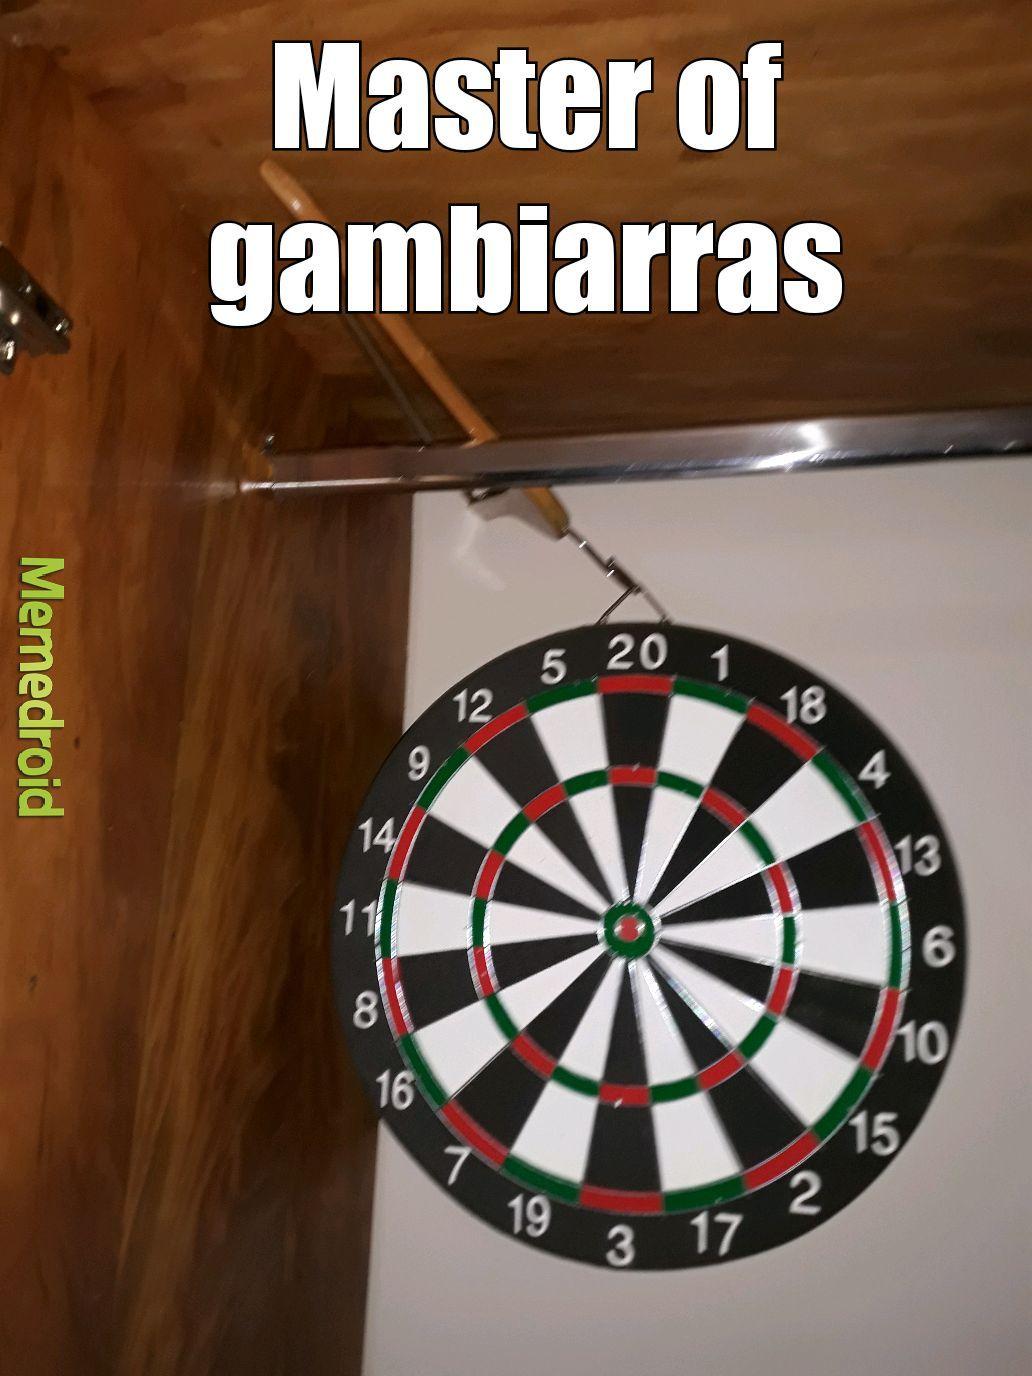 Gambiarra monster - meme